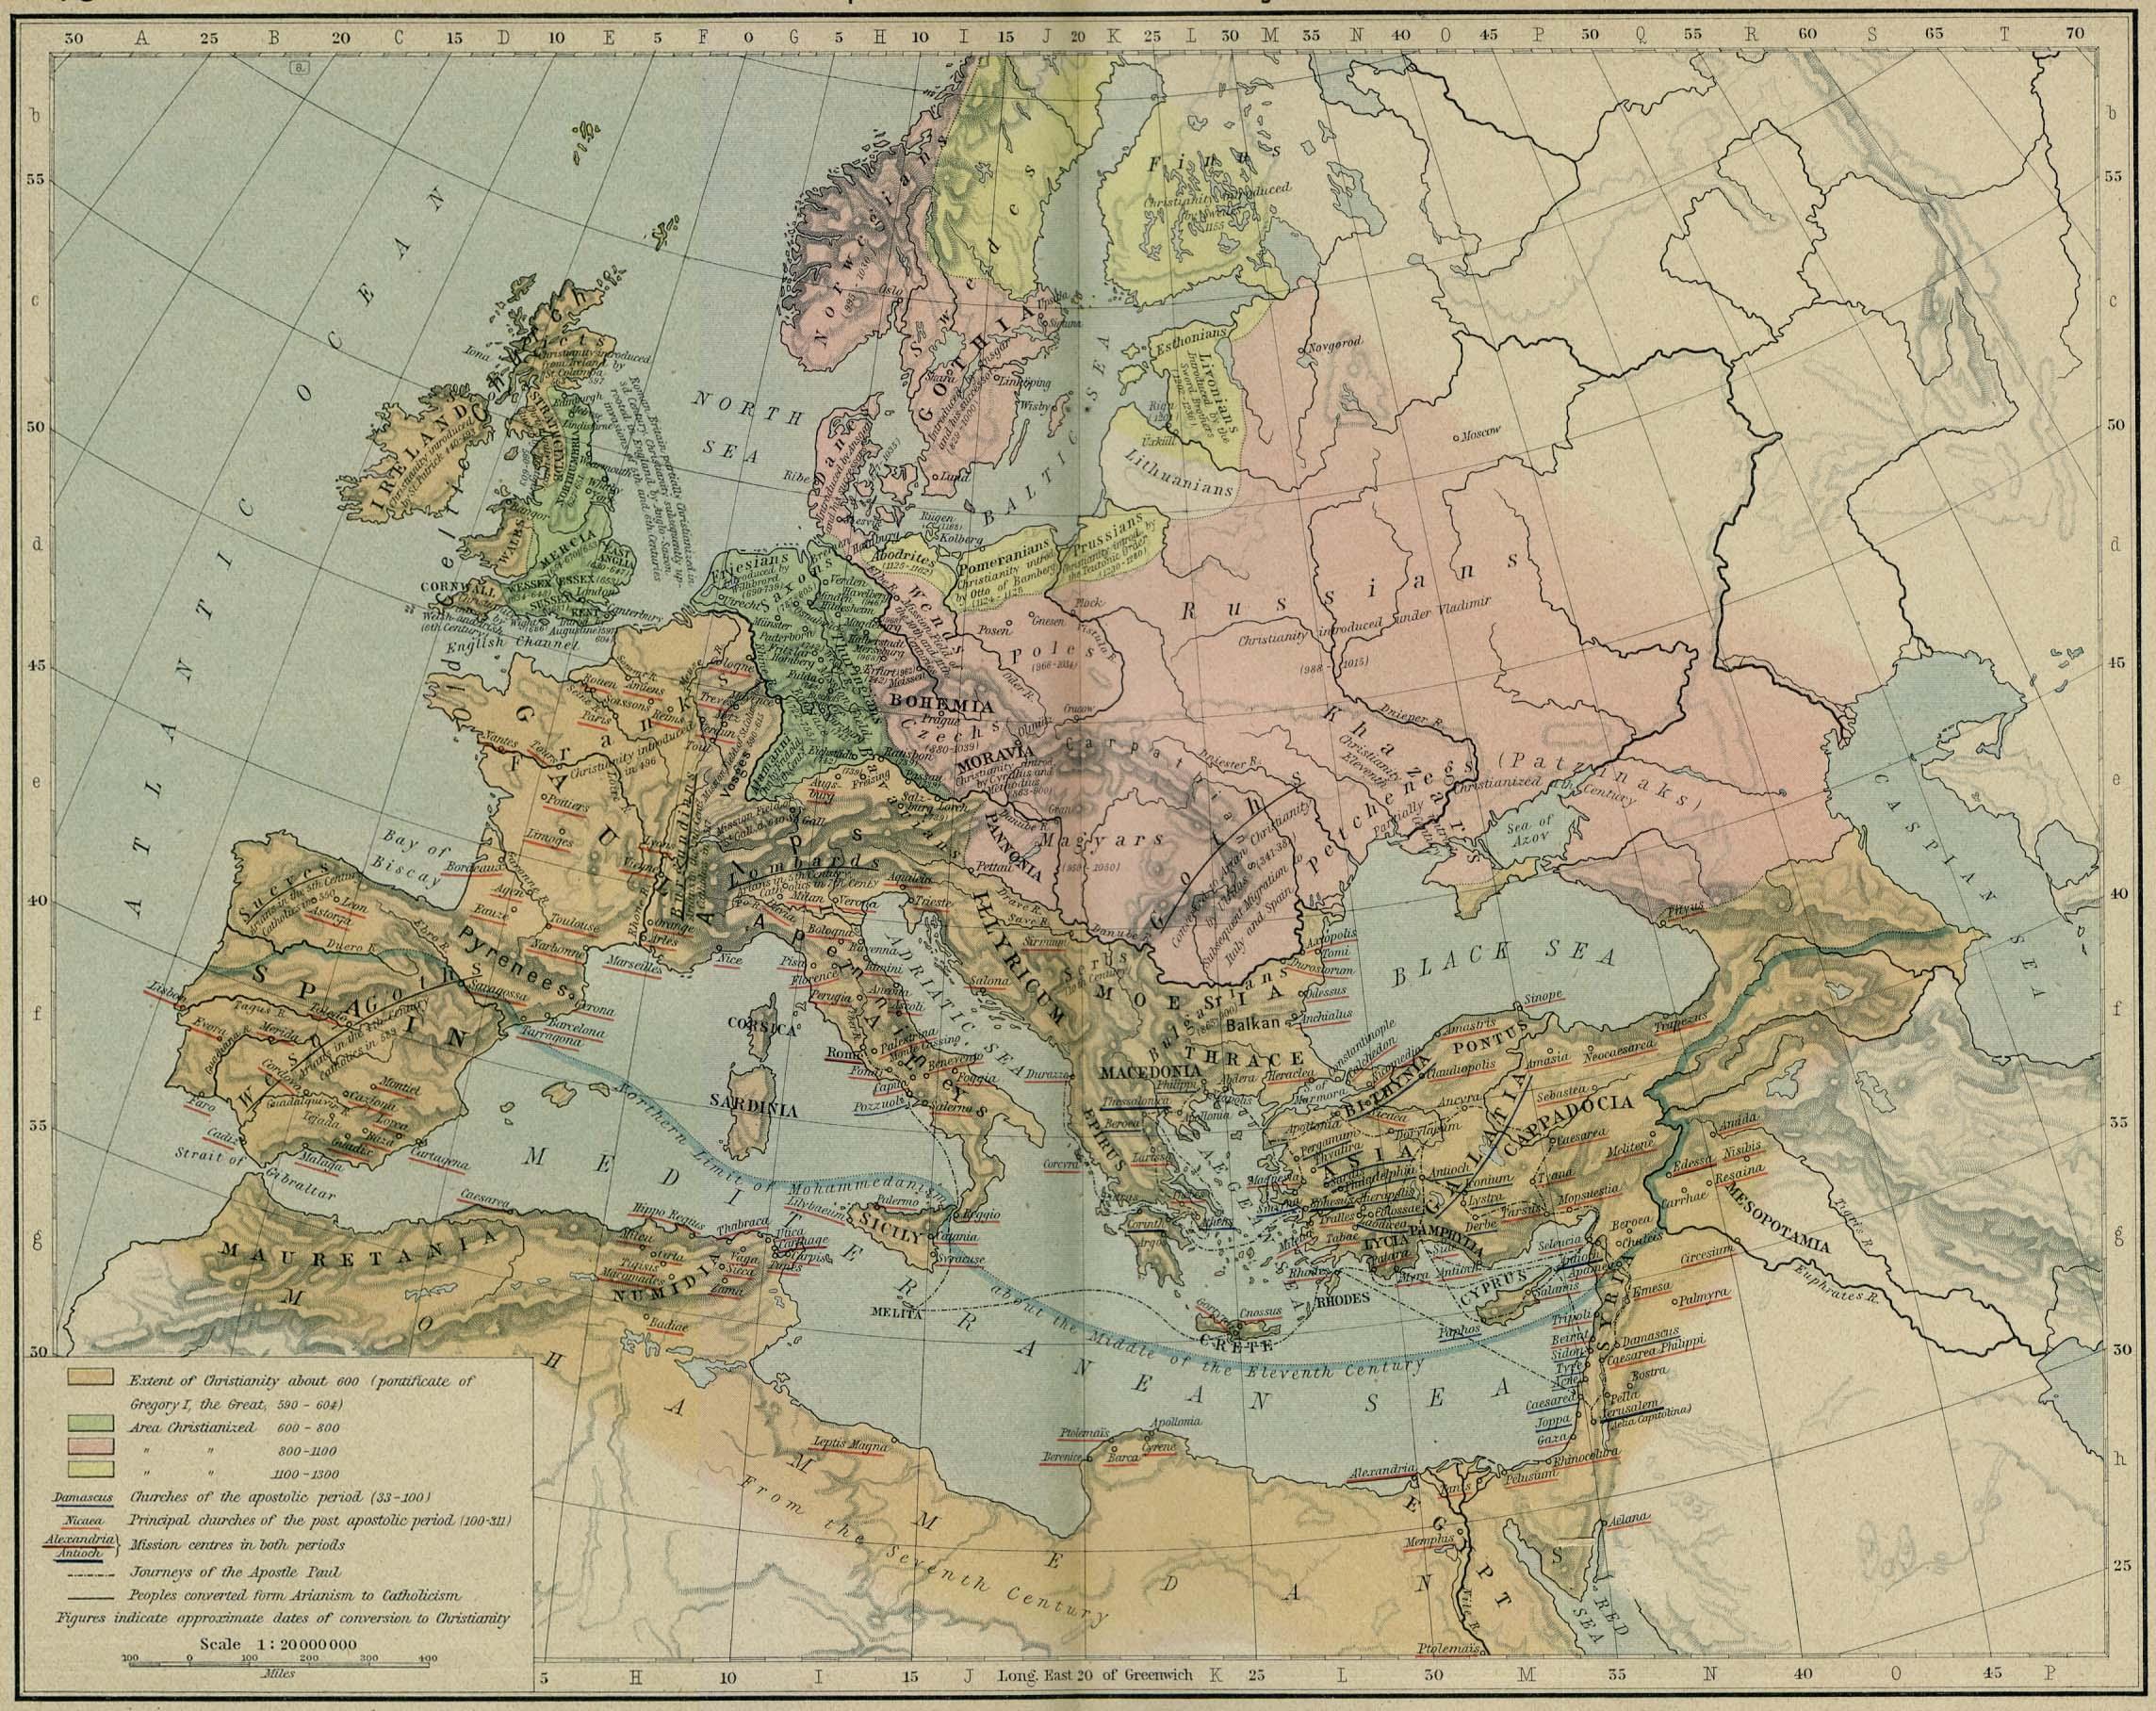 Desarrollo de la Cristiandad en Europa 590-1300